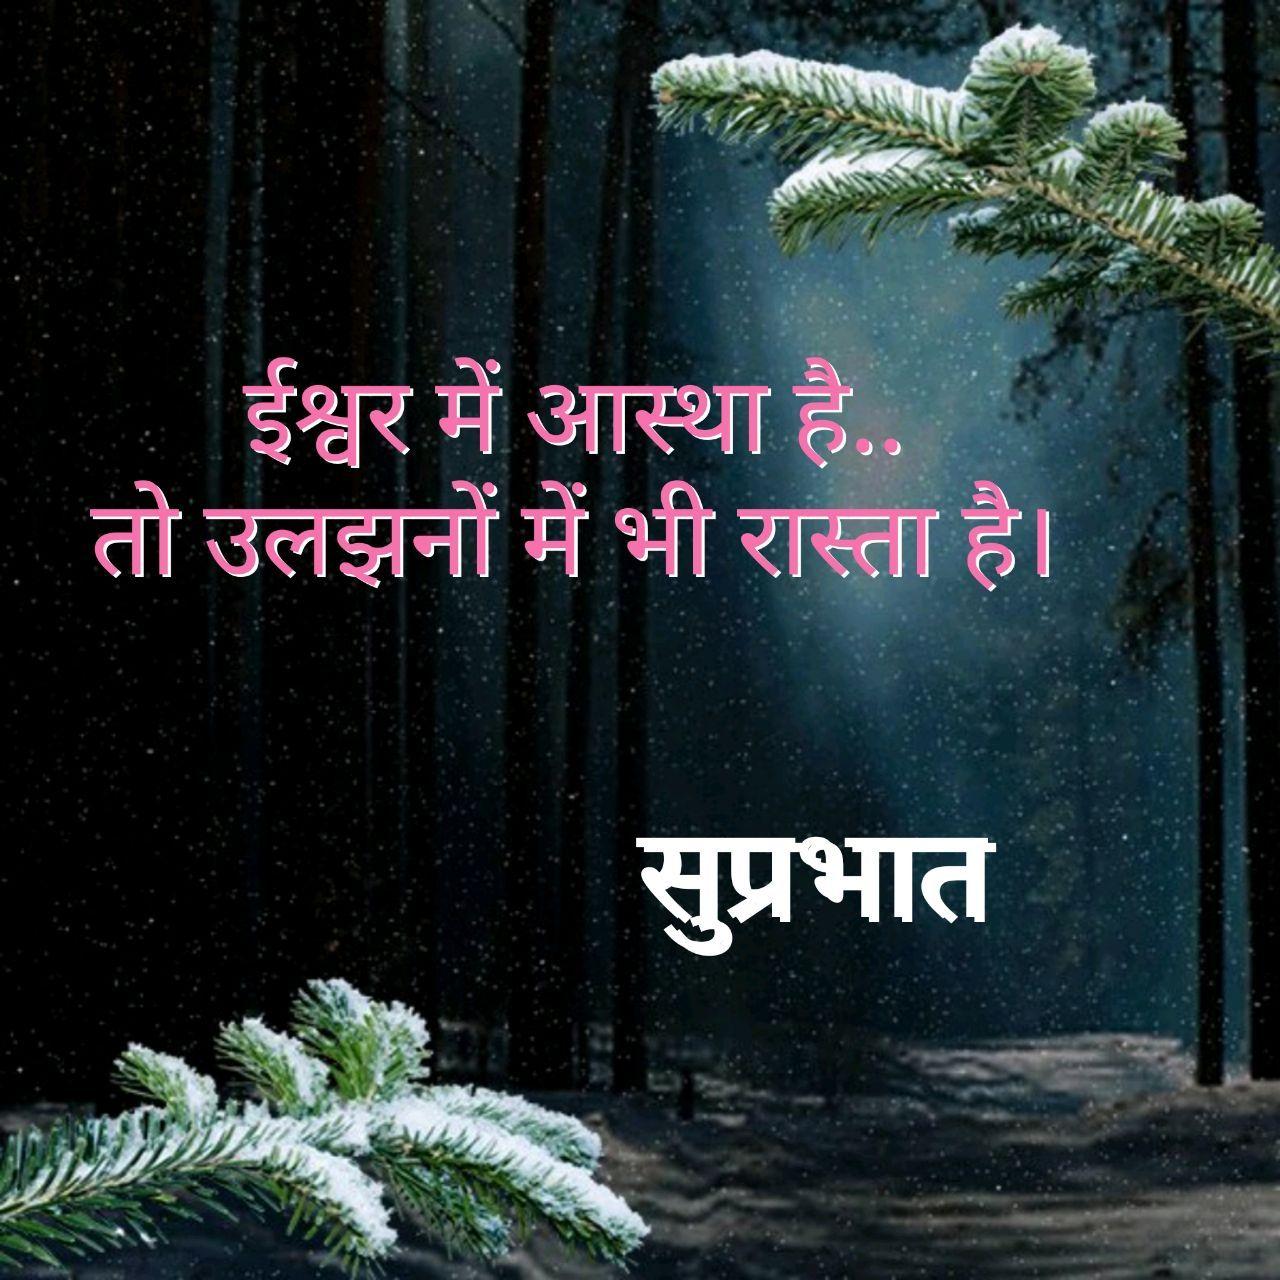 Good morning hindi quotes  Hindi good morning quotes, Morning